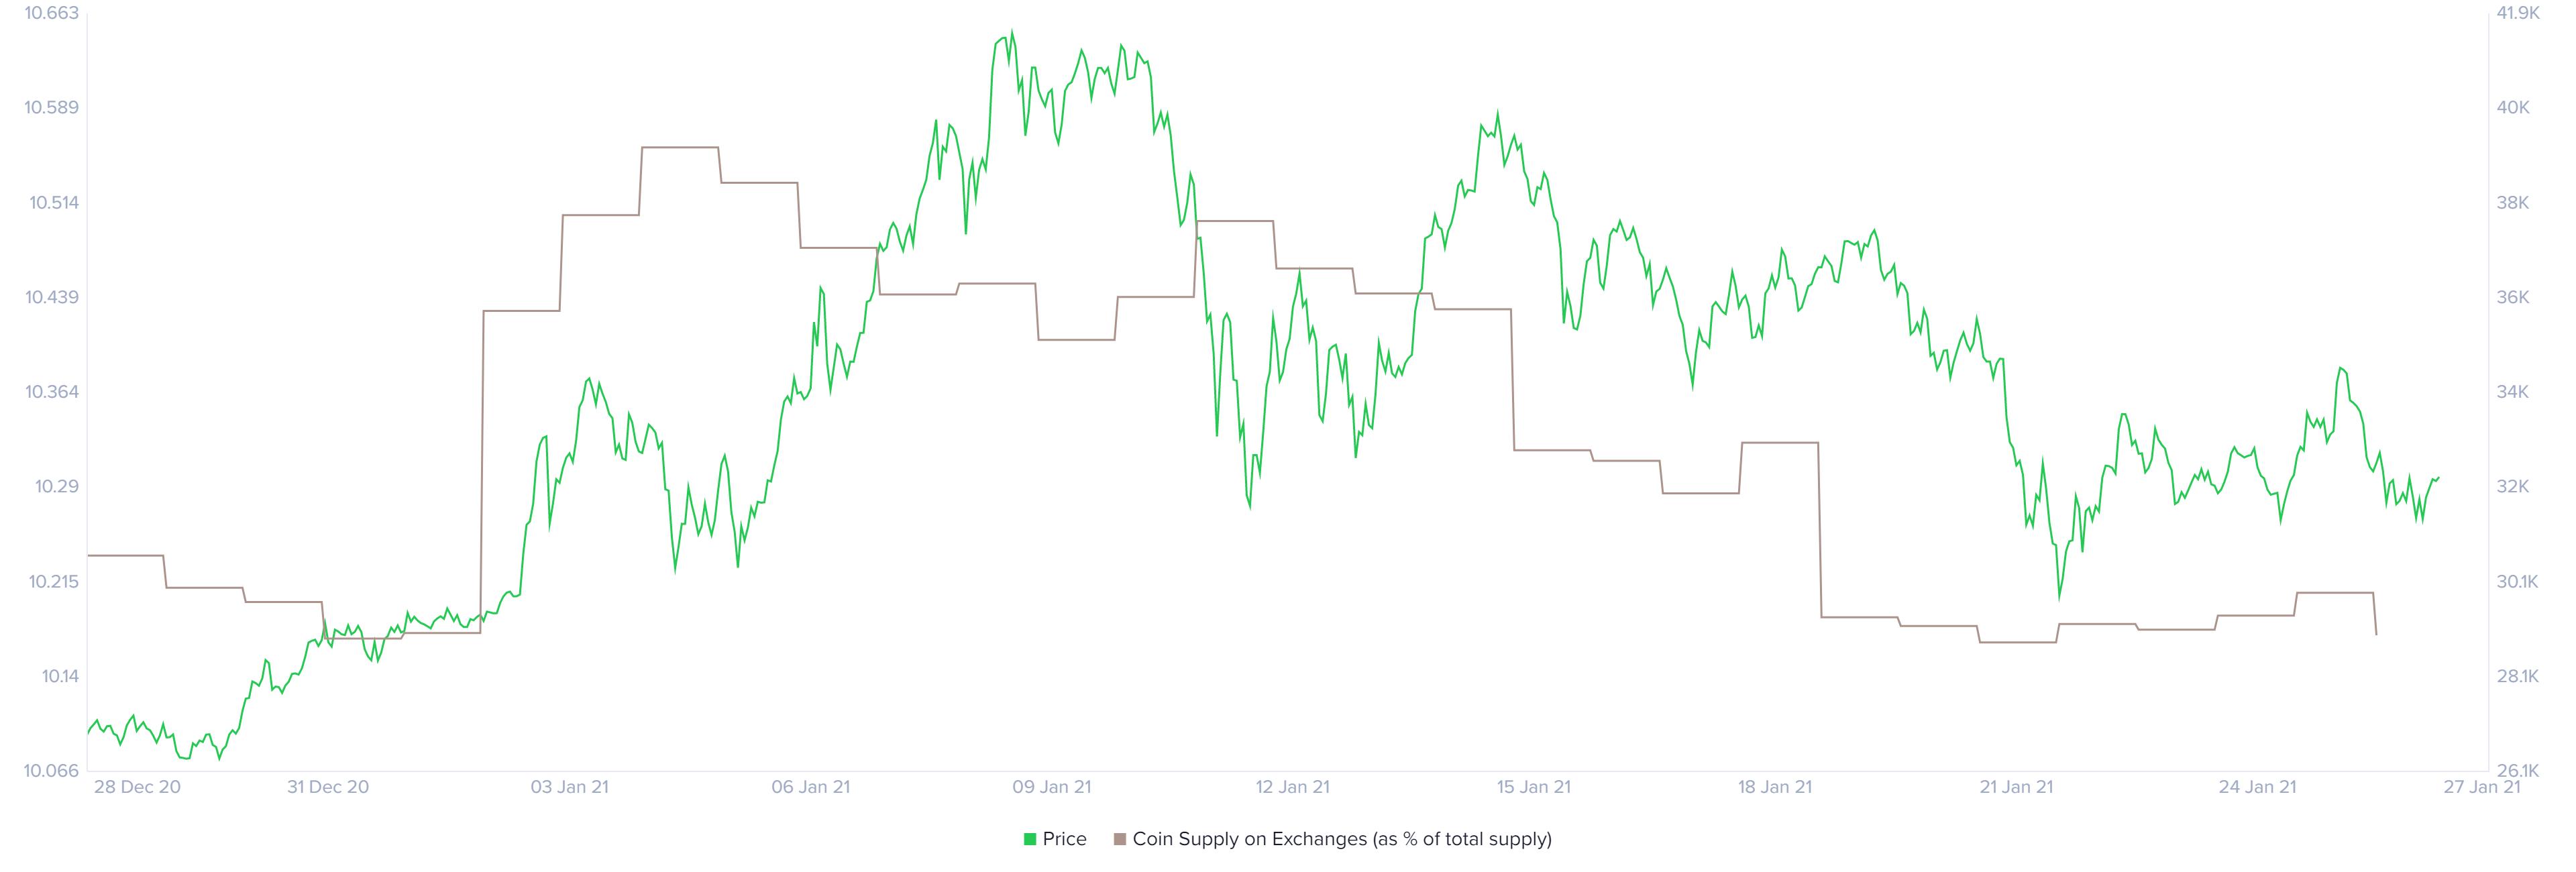 Bitcoinpreis und Bitcoins auf Kryptobörsen